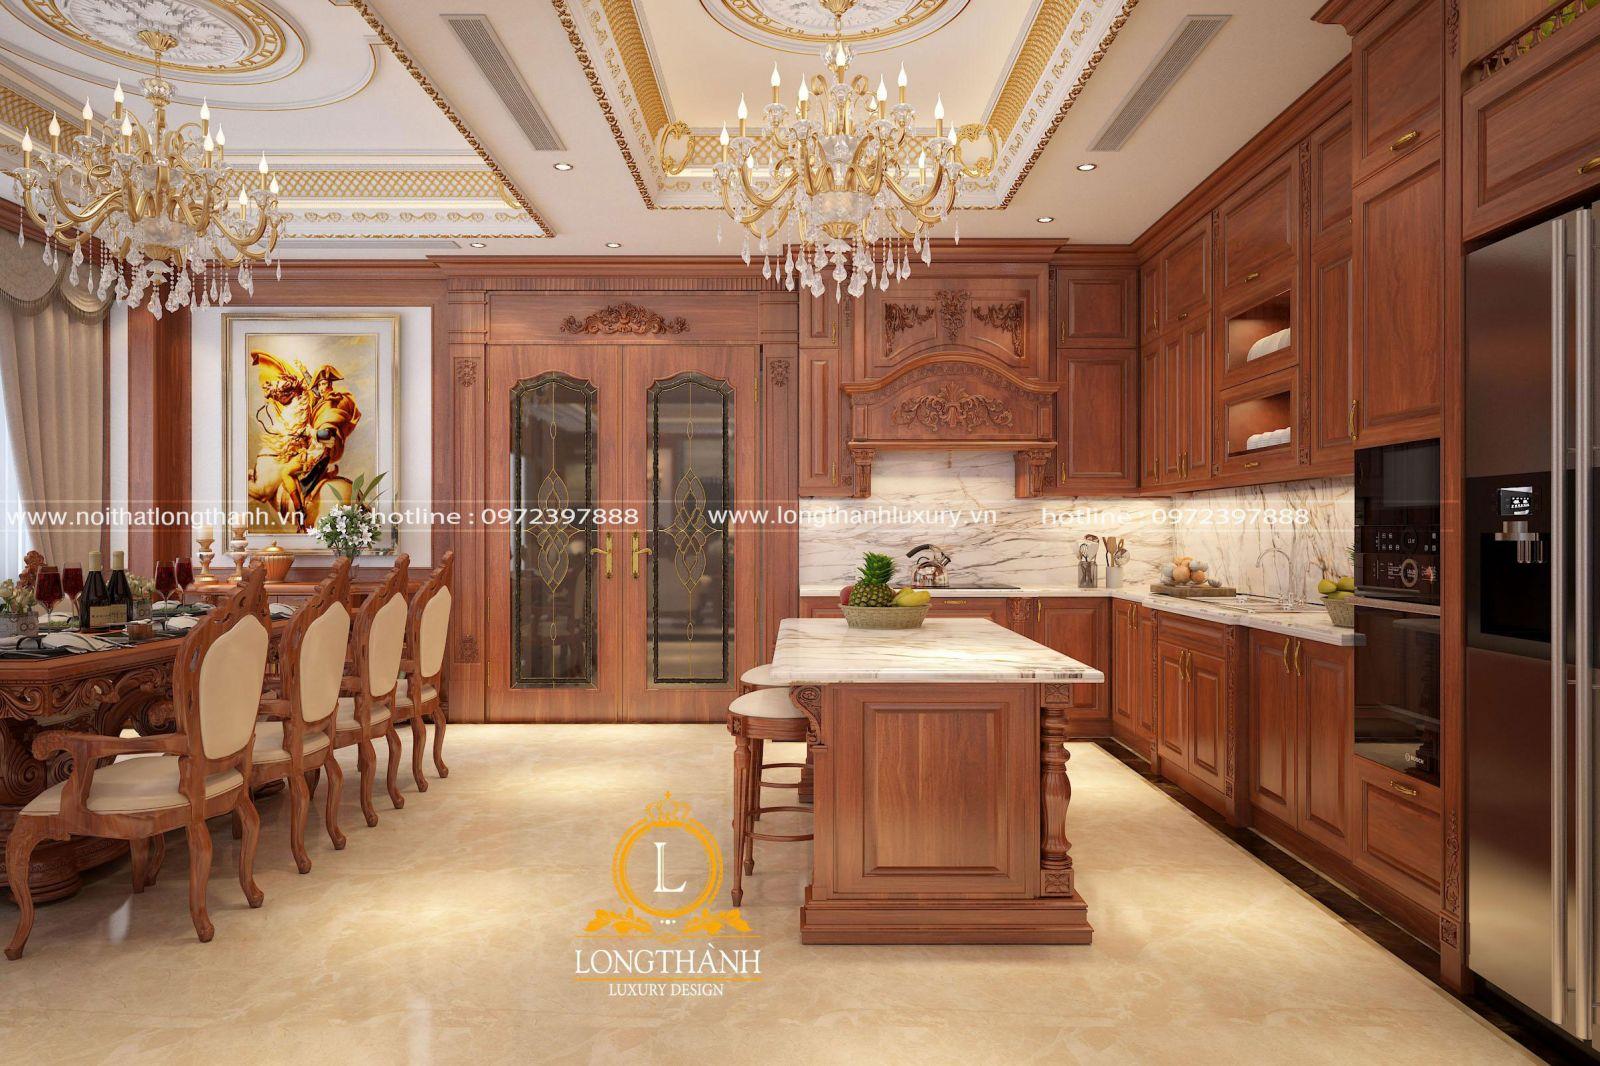 Mẫu tủ bếp tân cổ điển làm nổi bật vẻ đẹp lộng lẫy trong không gian nhà bếp